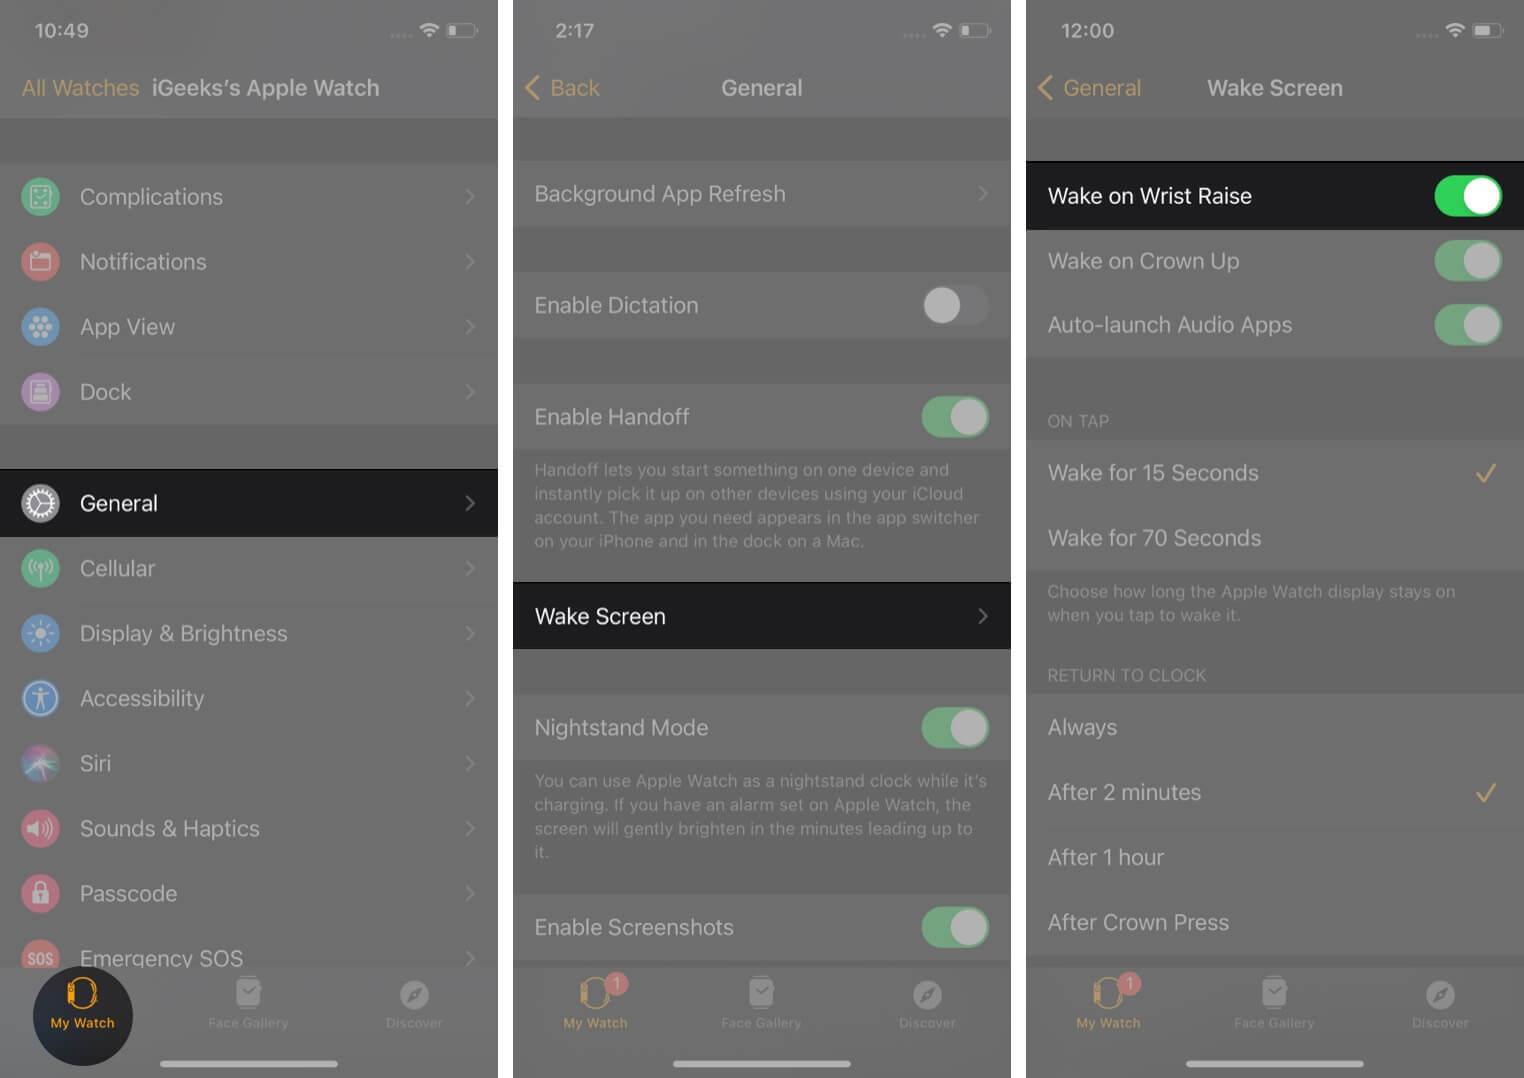 Turn On Wake Screen in Watch app on iPhone